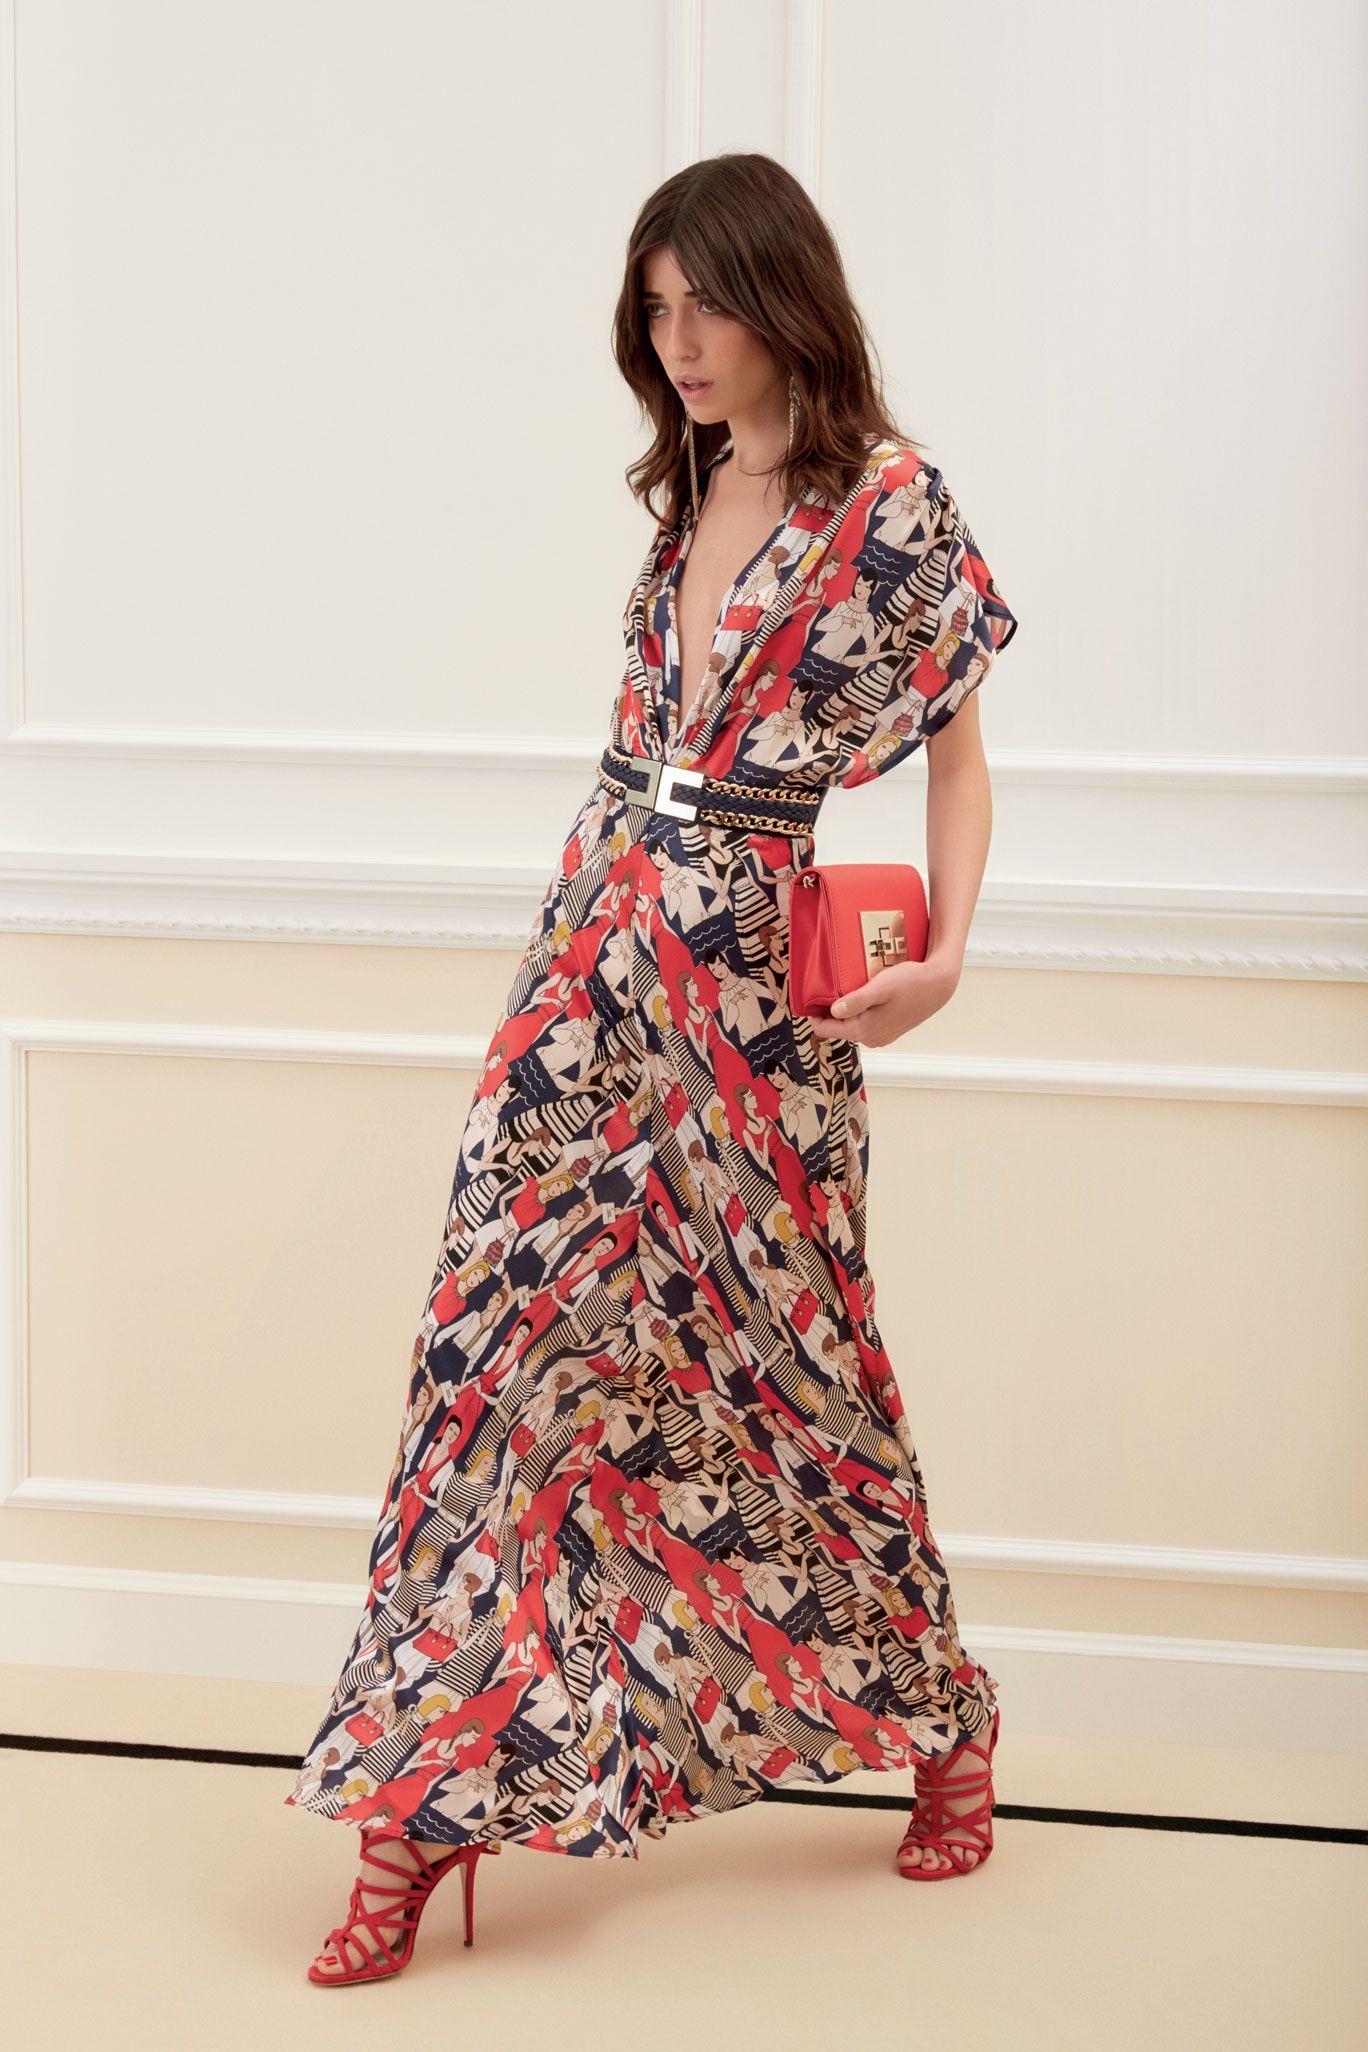 b0218be6ec Lookbook Spring/Summer 2016 - 07 | Wardrobe Aspirations nel 2019 ...